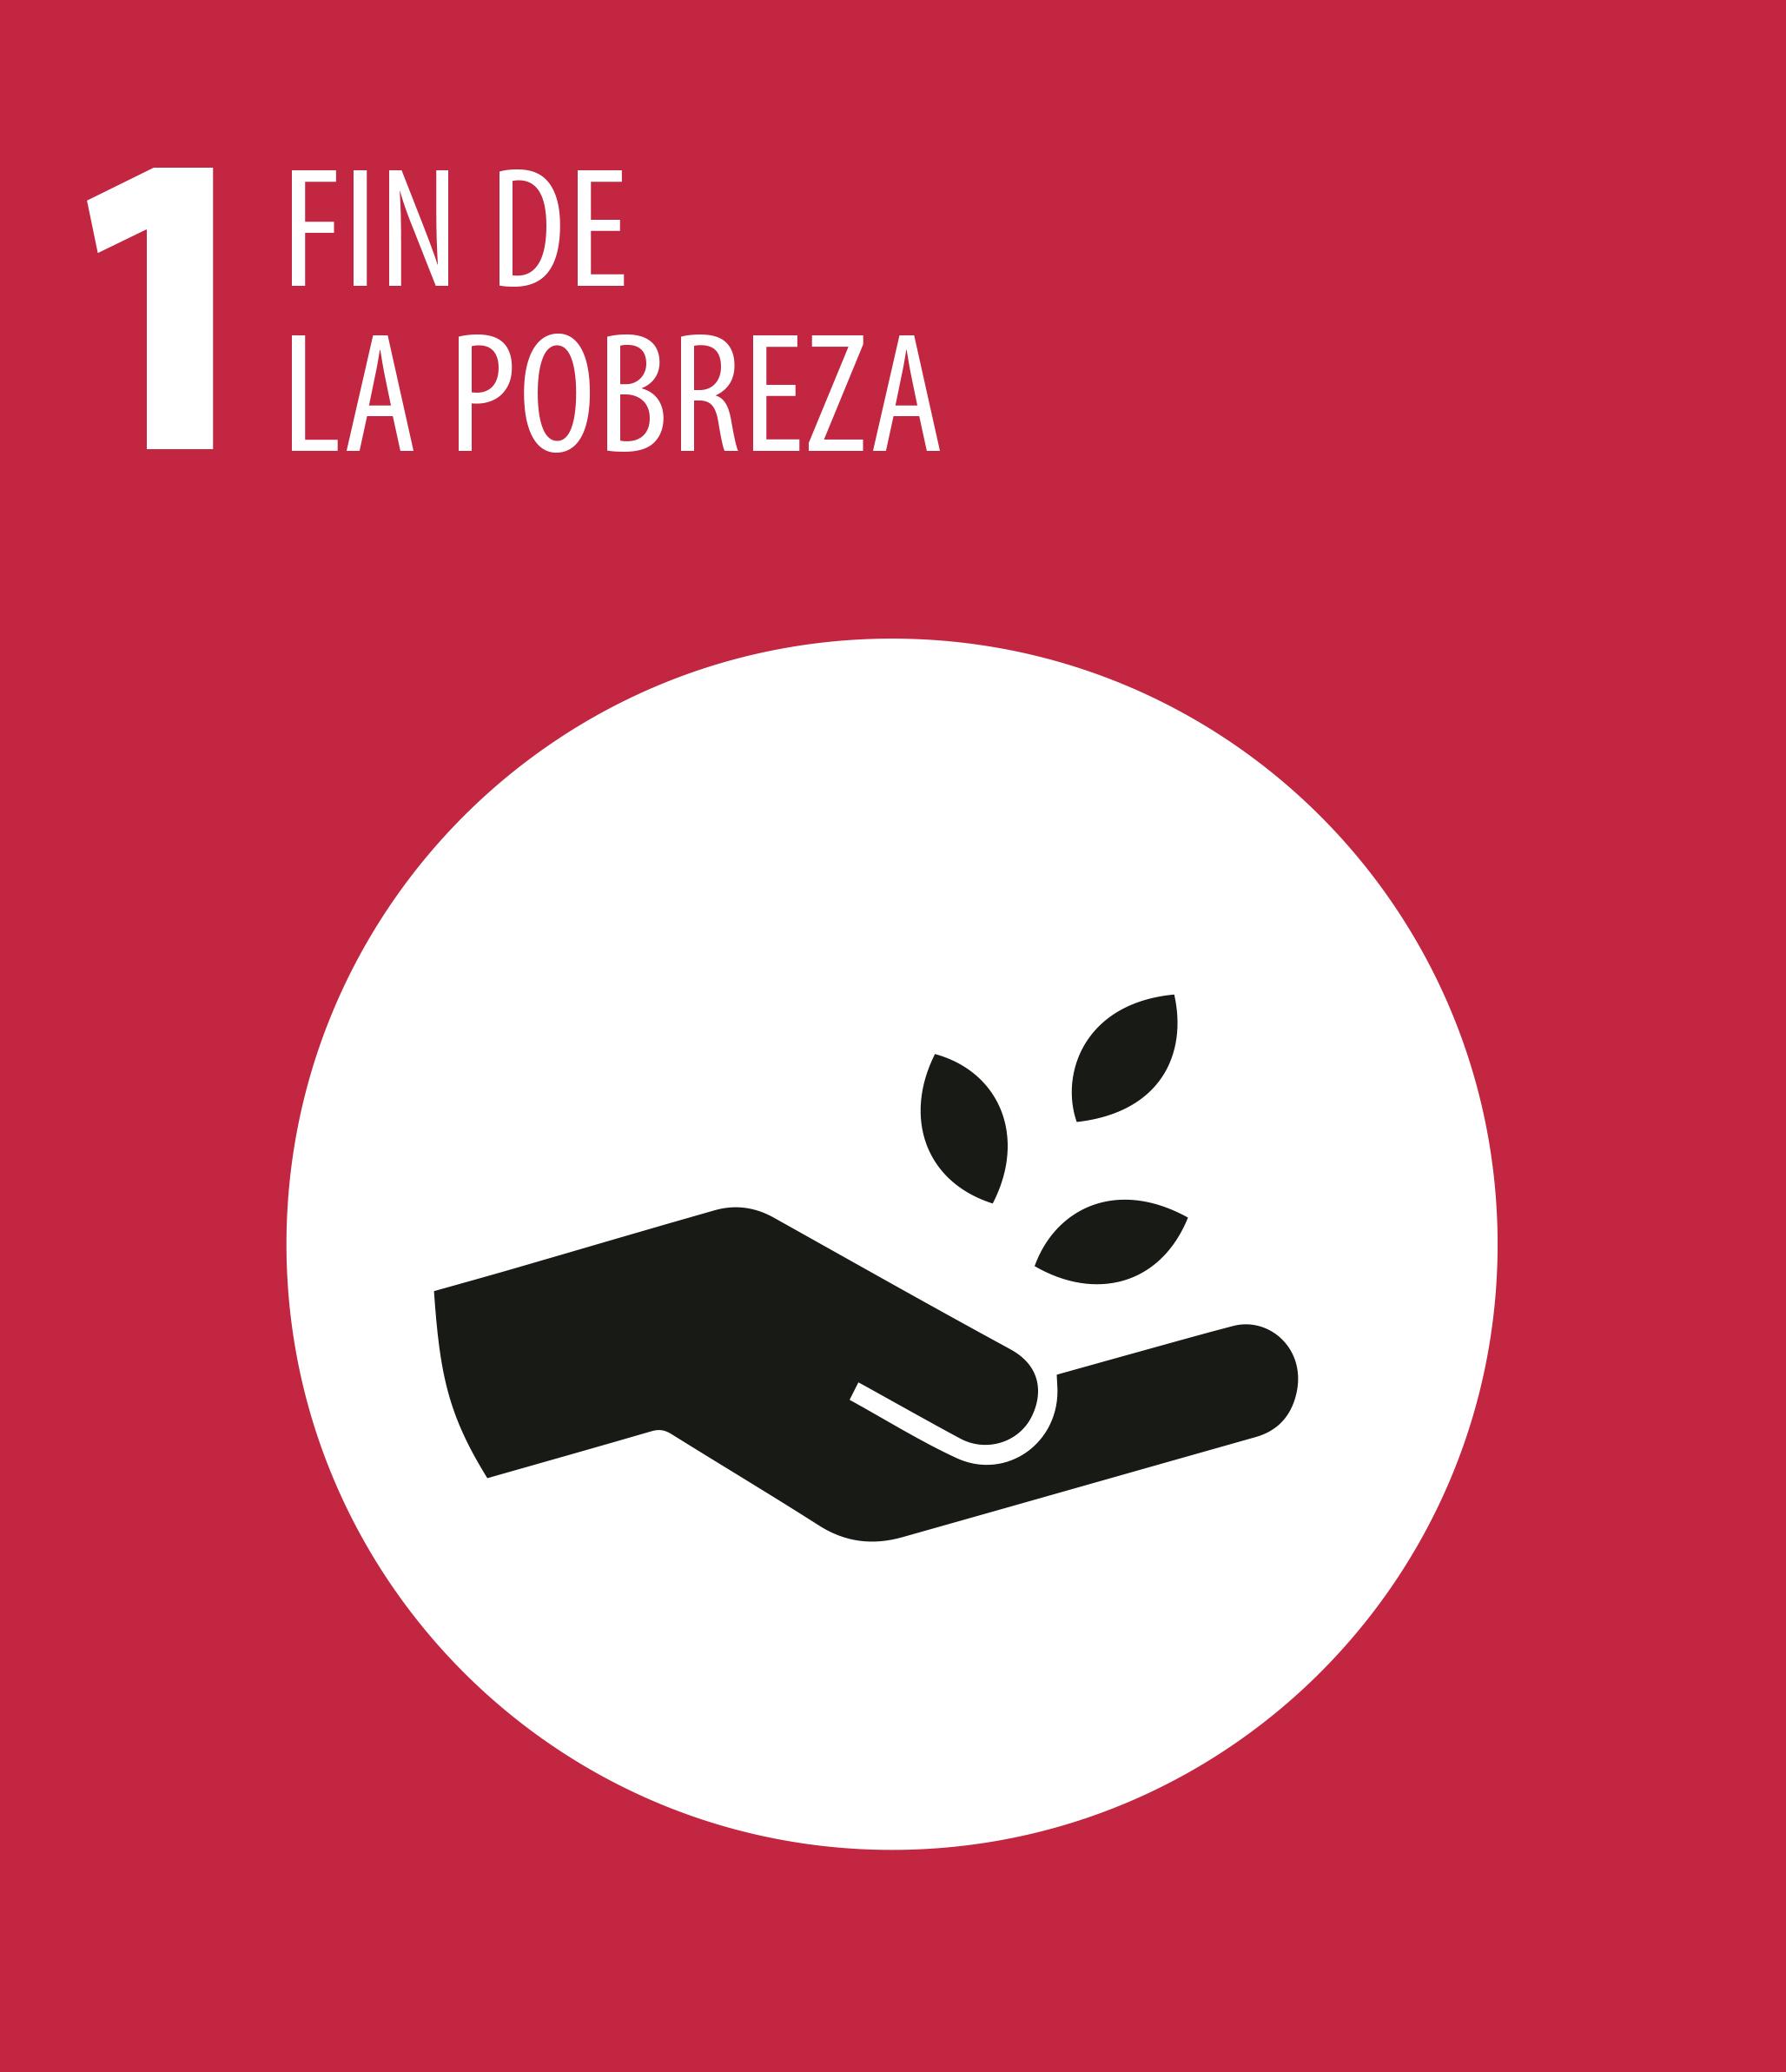 ODS 1 Fin pobreza